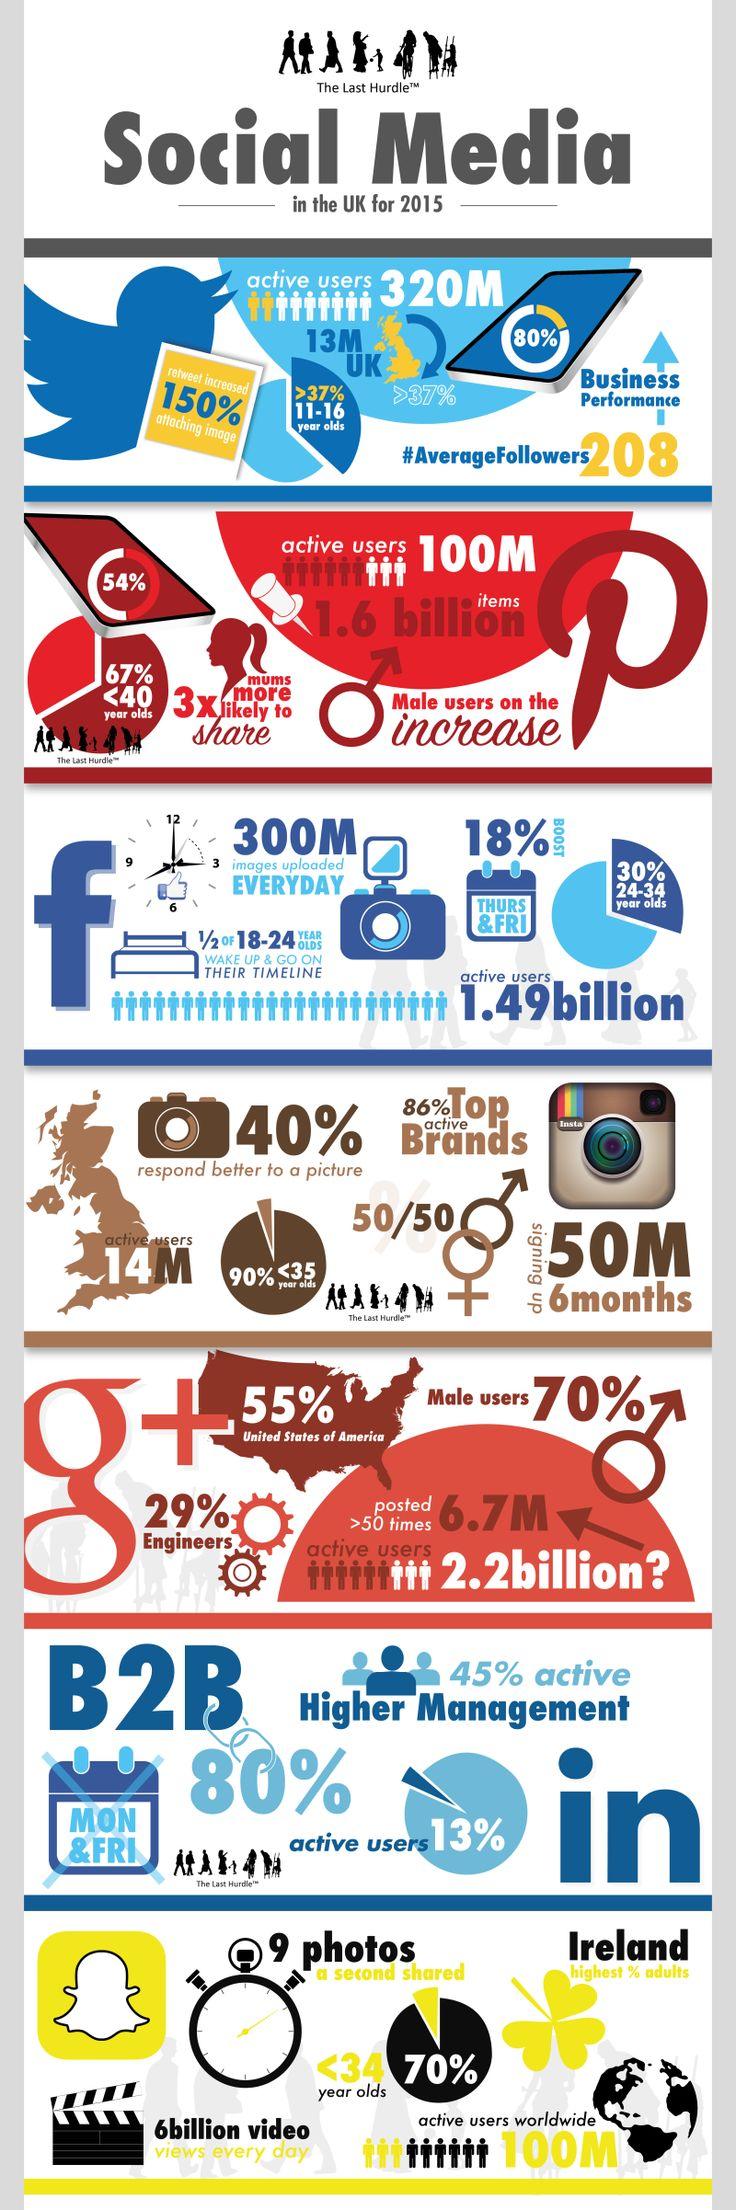 Social Media User Statistics in the UK http://www.thelasthurdle.co.uk/social-media-user-statistics-in-the-uk-for-2015/